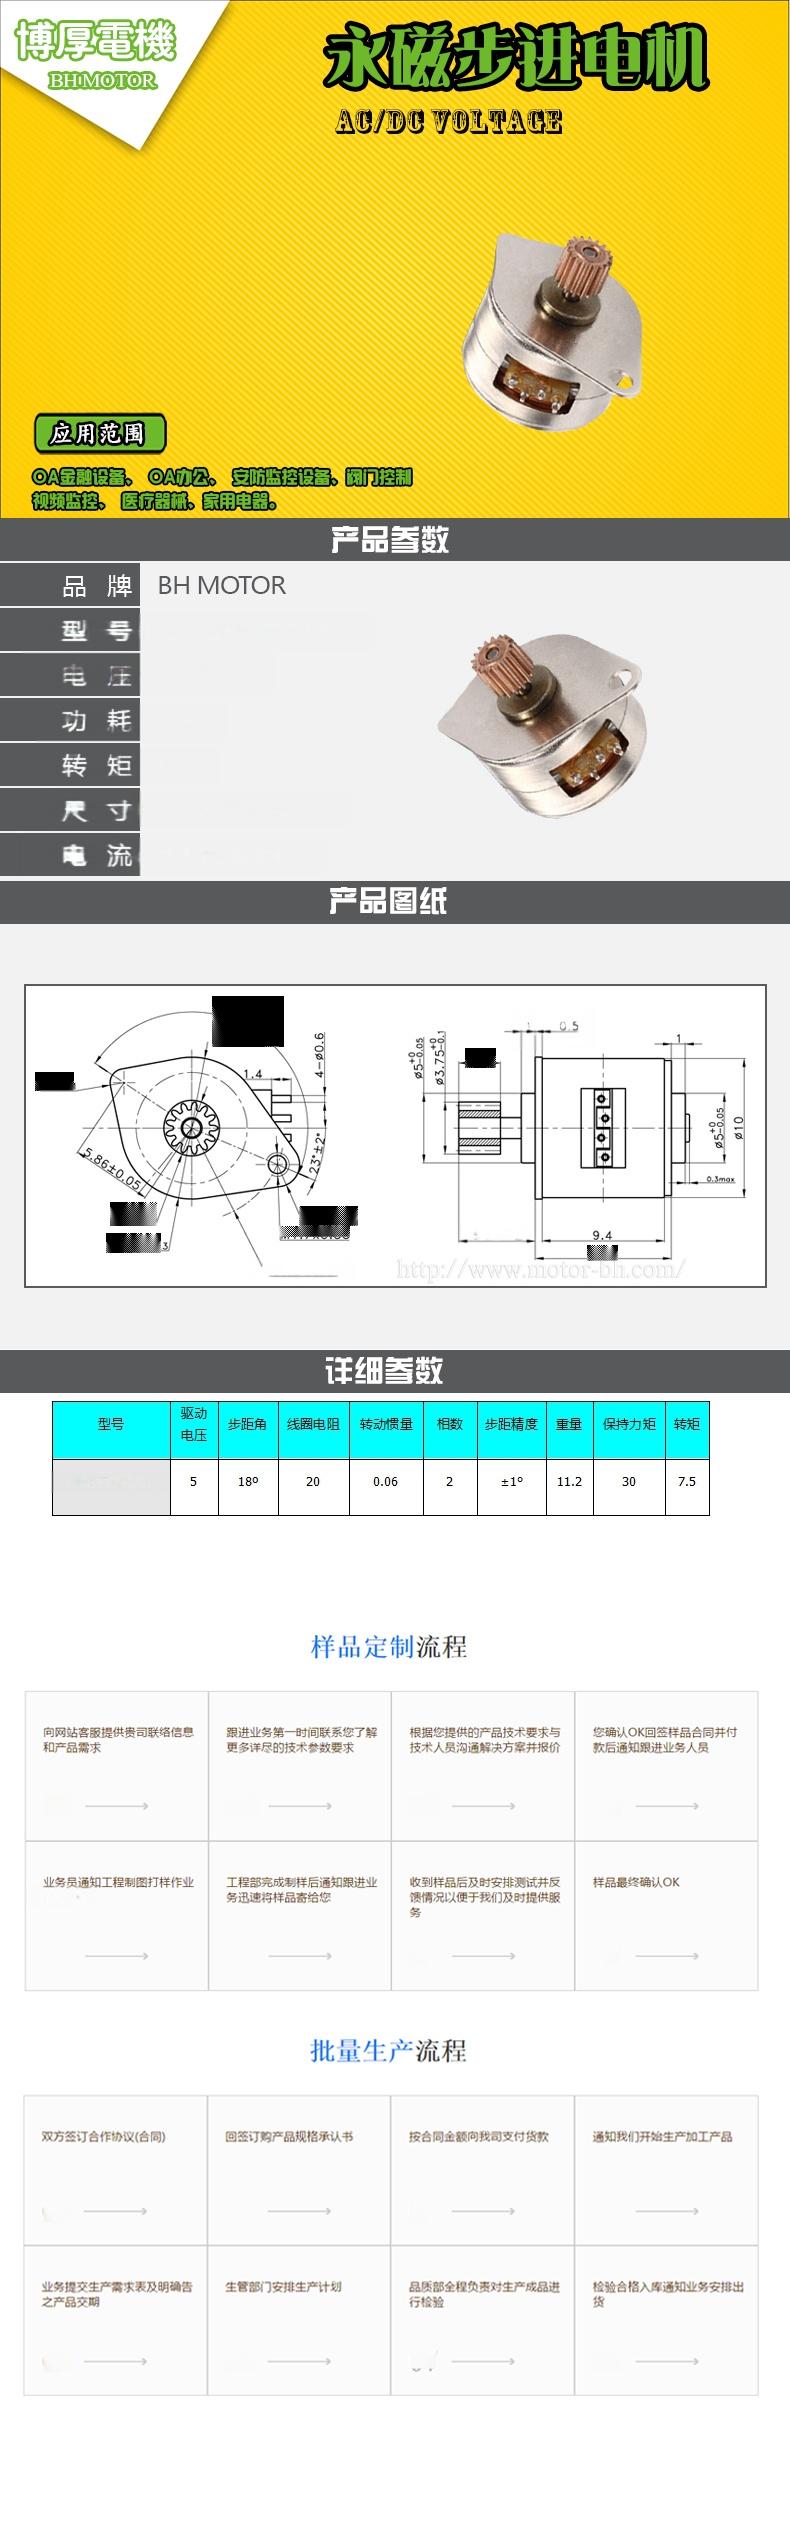 BH-10BY25-01.jpg